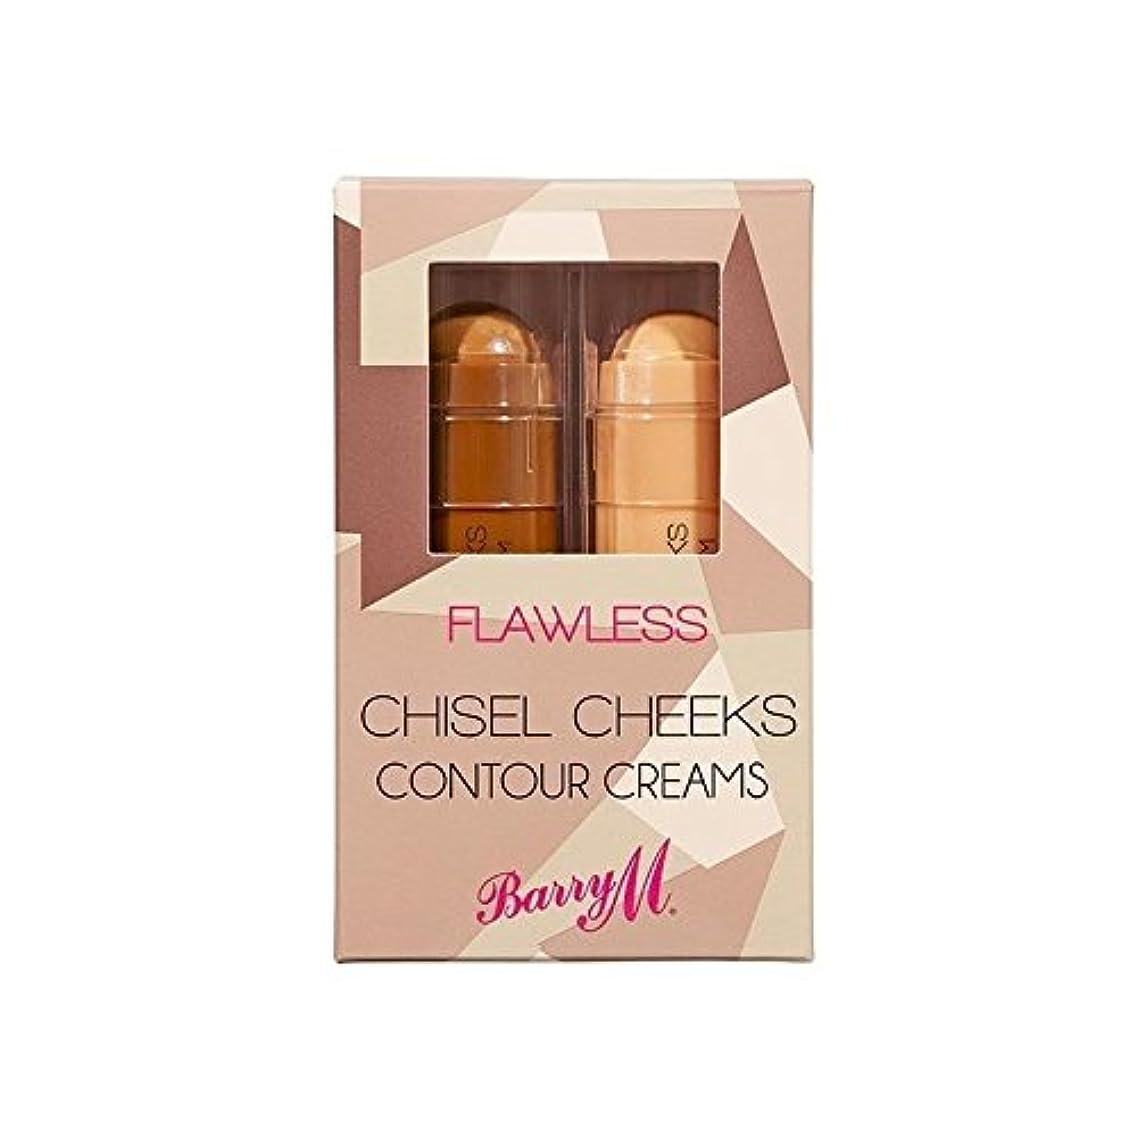 面むしろ吸うバリーメートルチゼル頬の輪郭クリーム x4 - Barry M Chisel Cheek Contour Creams (Pack of 4) [並行輸入品]